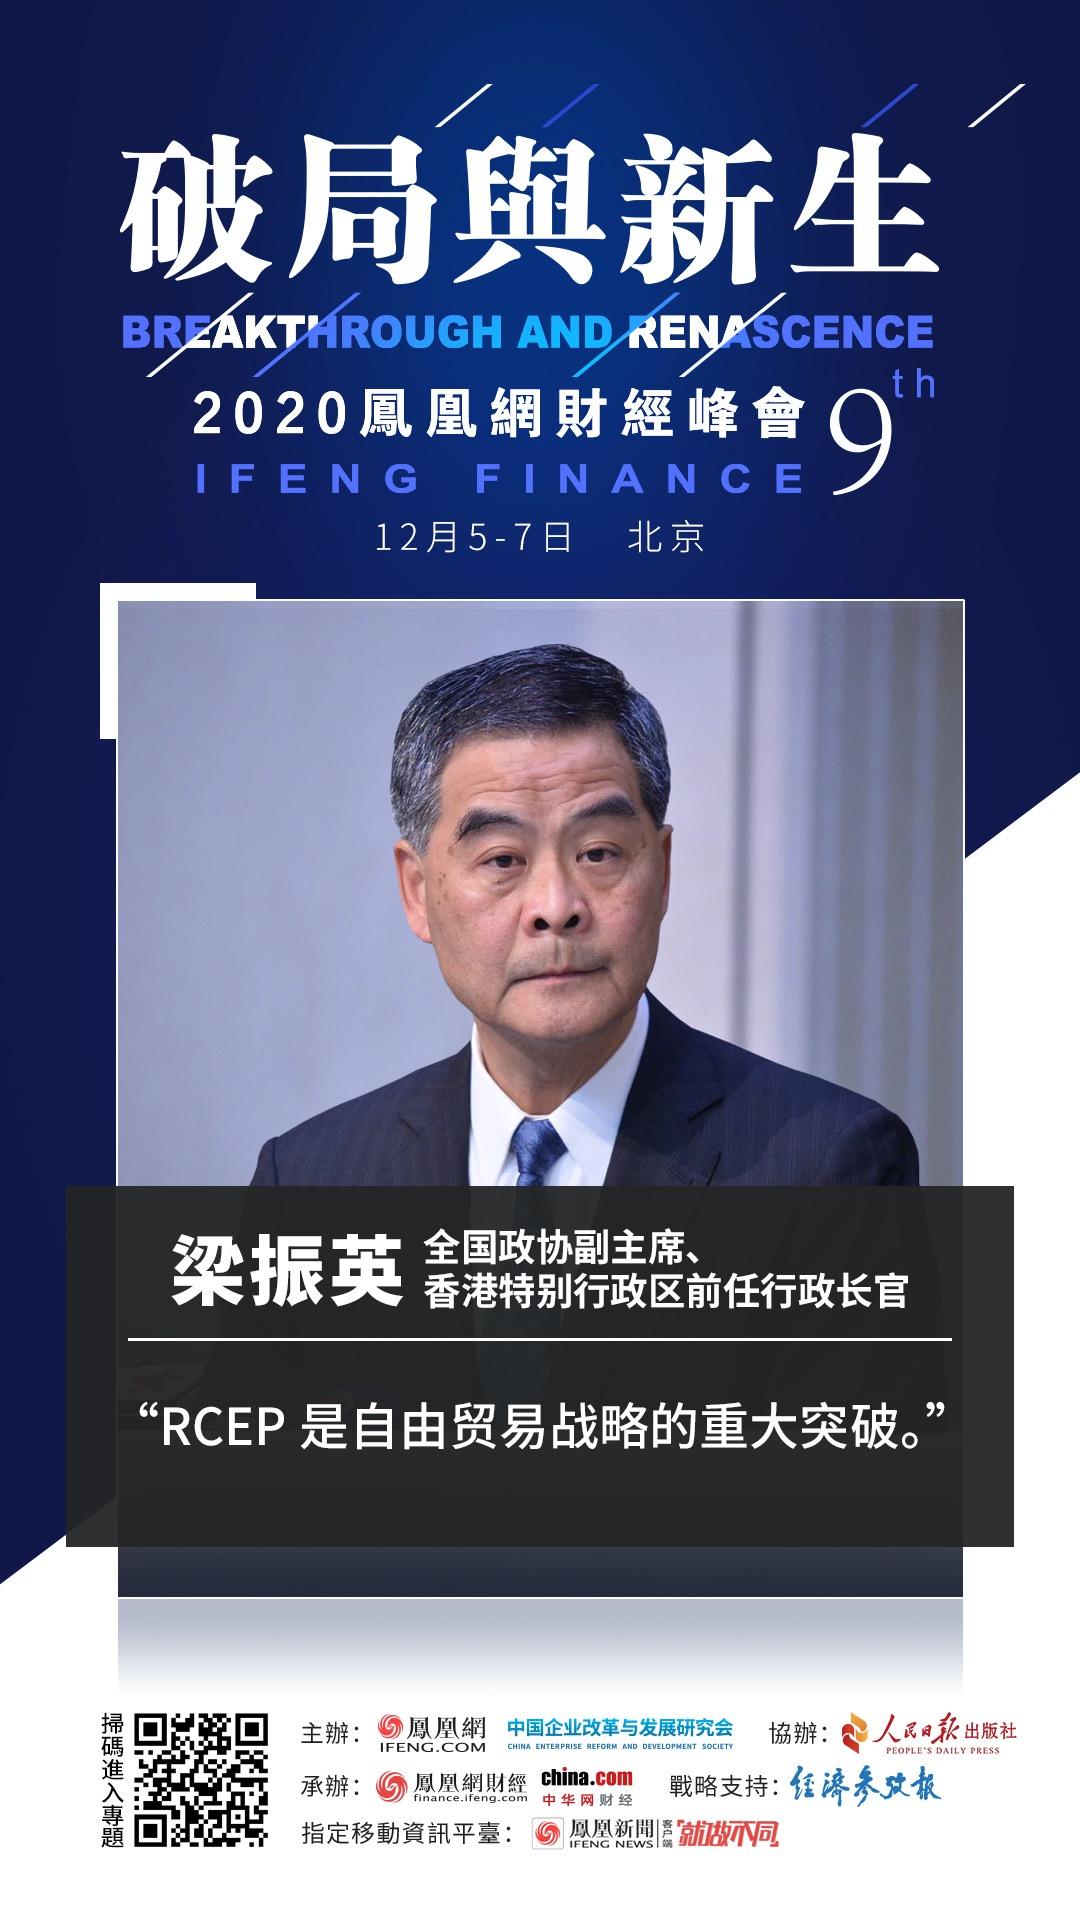 梁振英凤凰财经峰会演讲:RCEP是自由贸易战略的重大突破